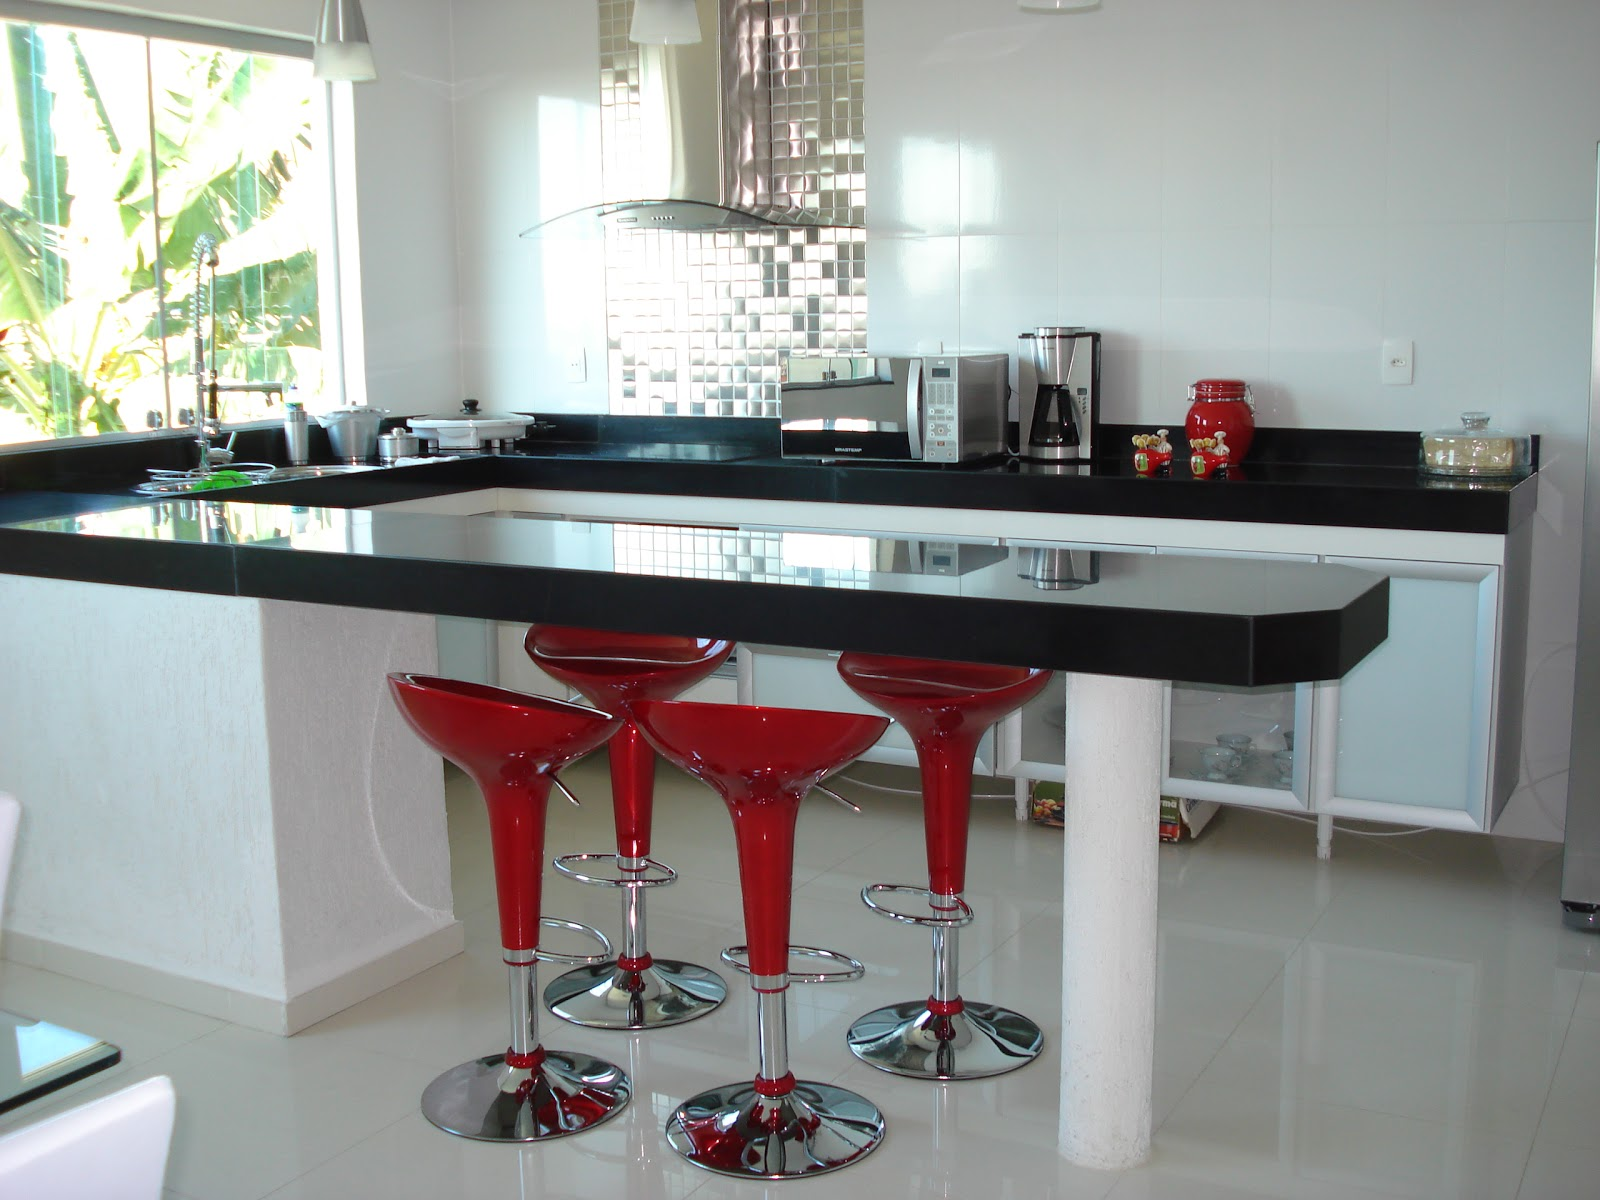 #6D1B1E Casa Cozinha Decoração HD Wallpapers 1600x1200 px Cozinha Casa Design_397 Imagens